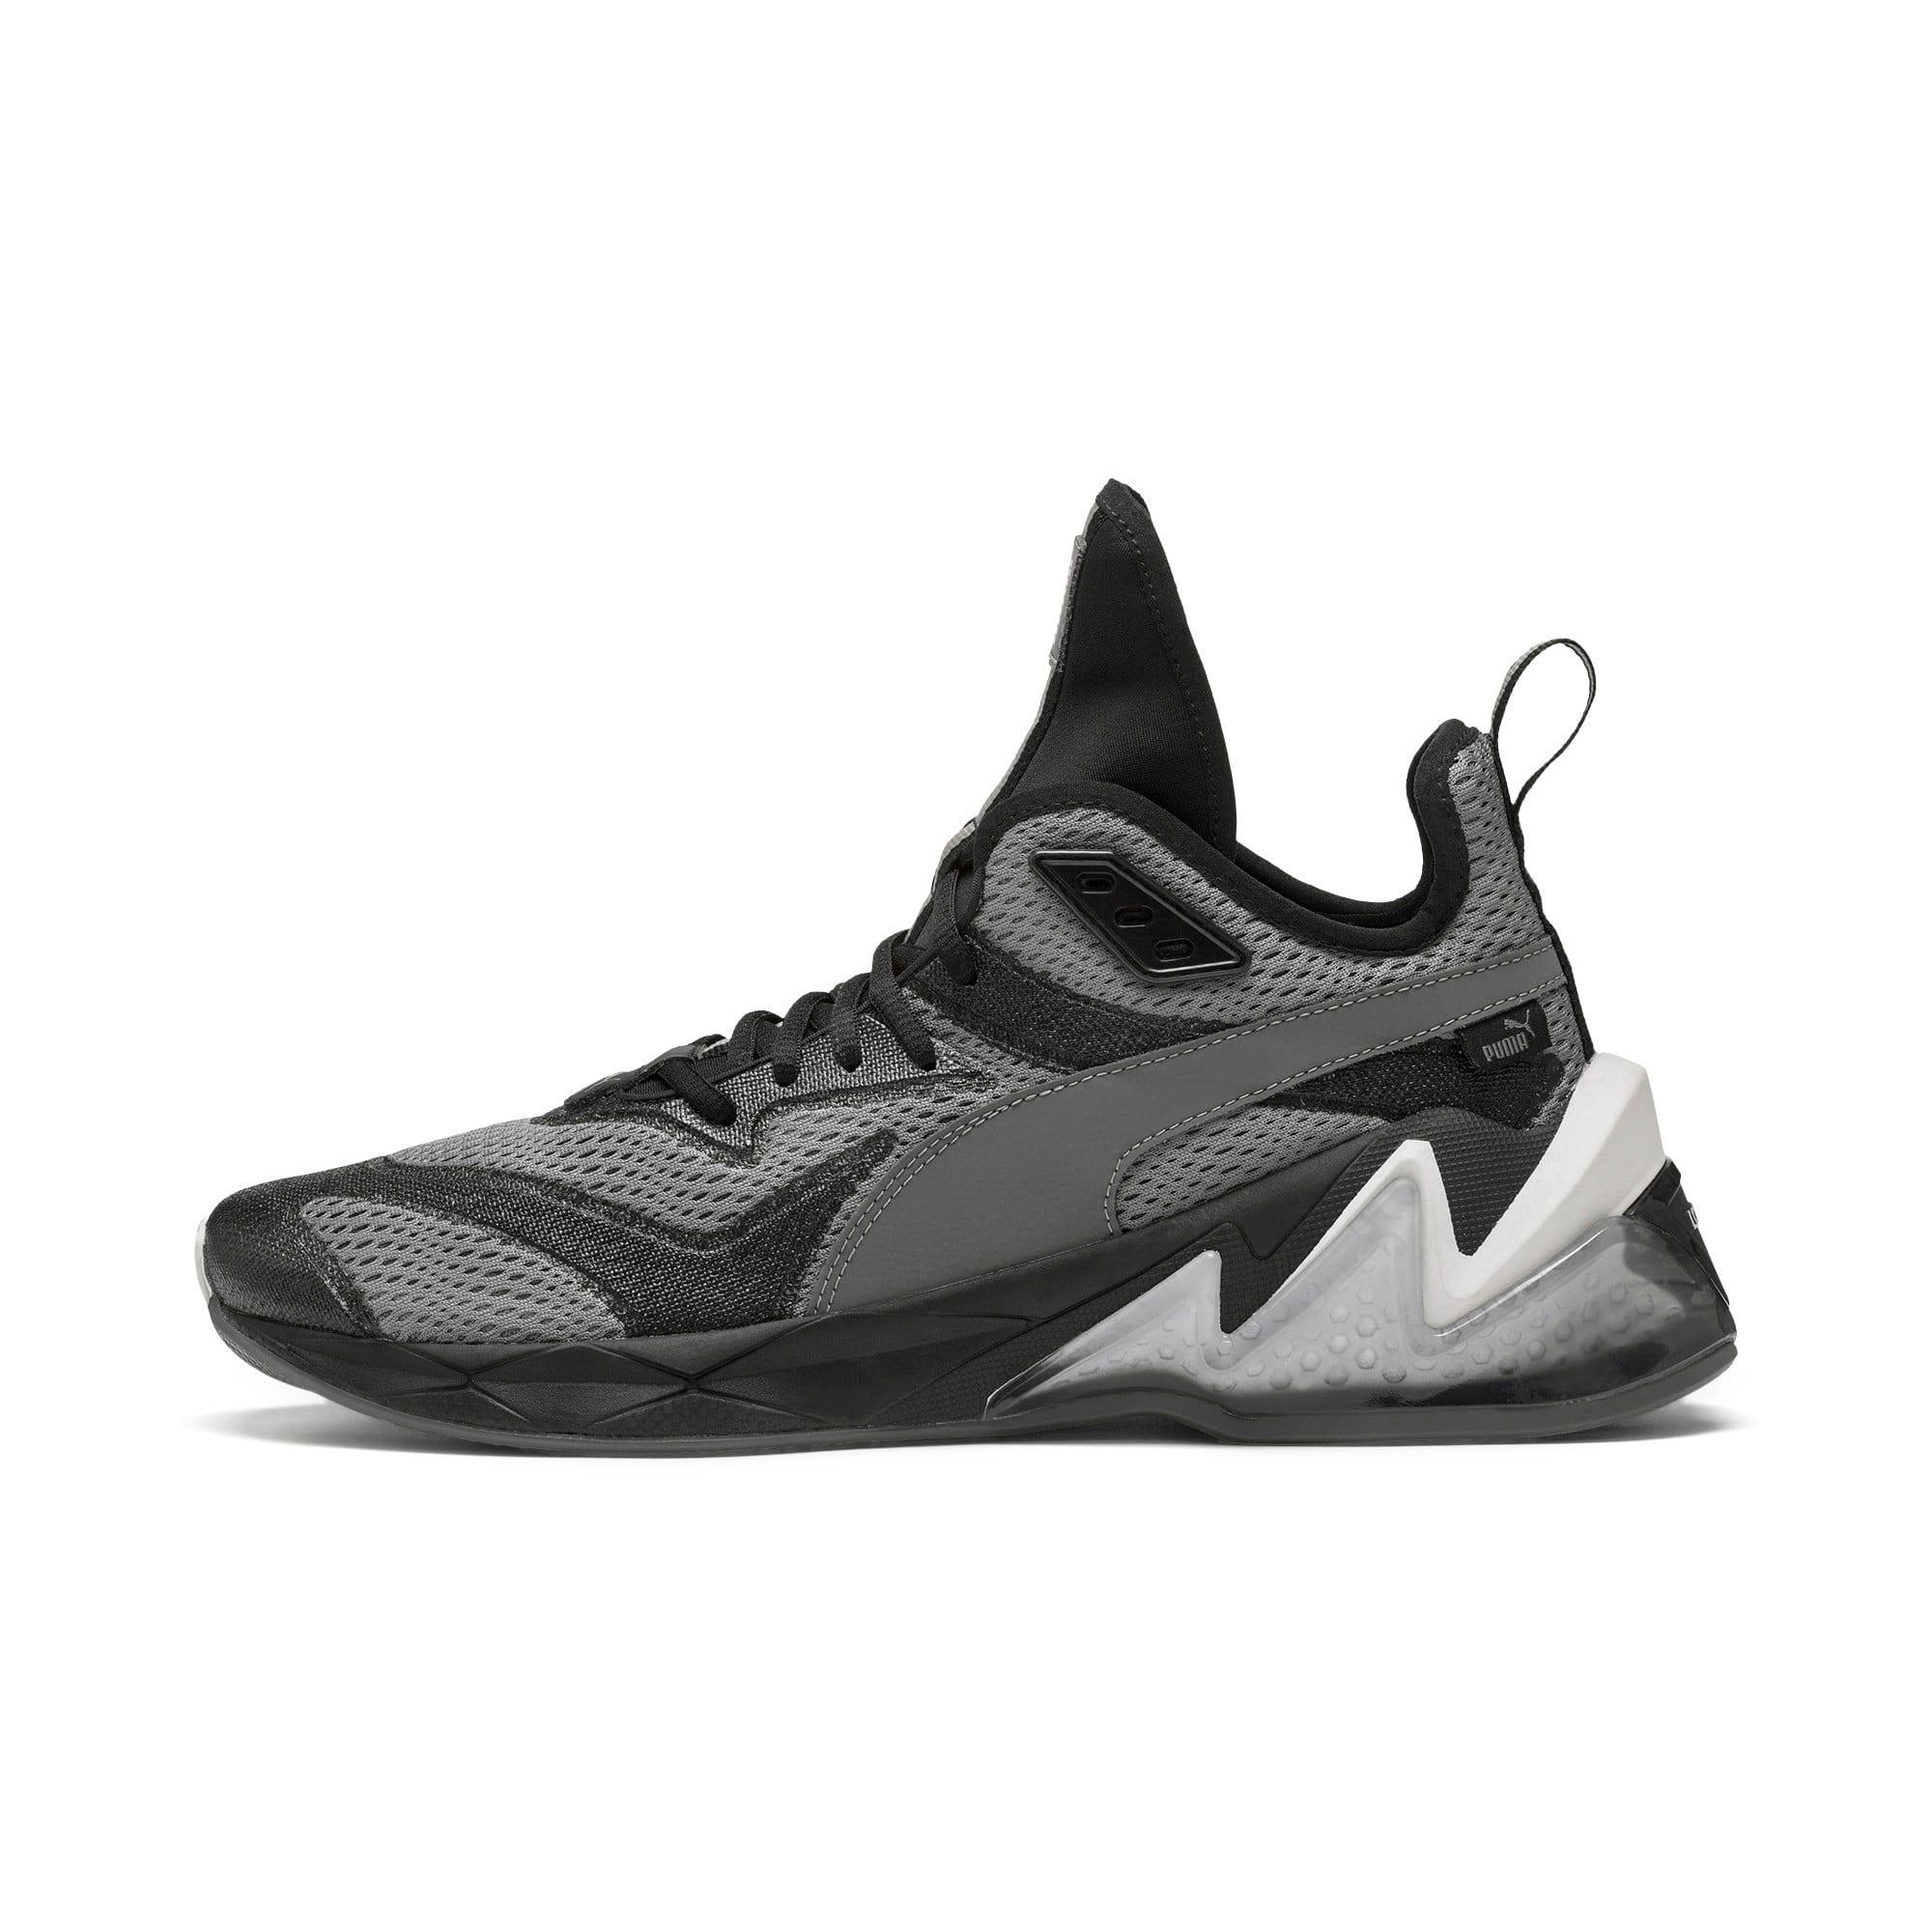 Thumbnail 1 of Chaussure d'entraînement LQDCELL Origin Tech pour homme, Puma Black-CASTLEROCK, medium